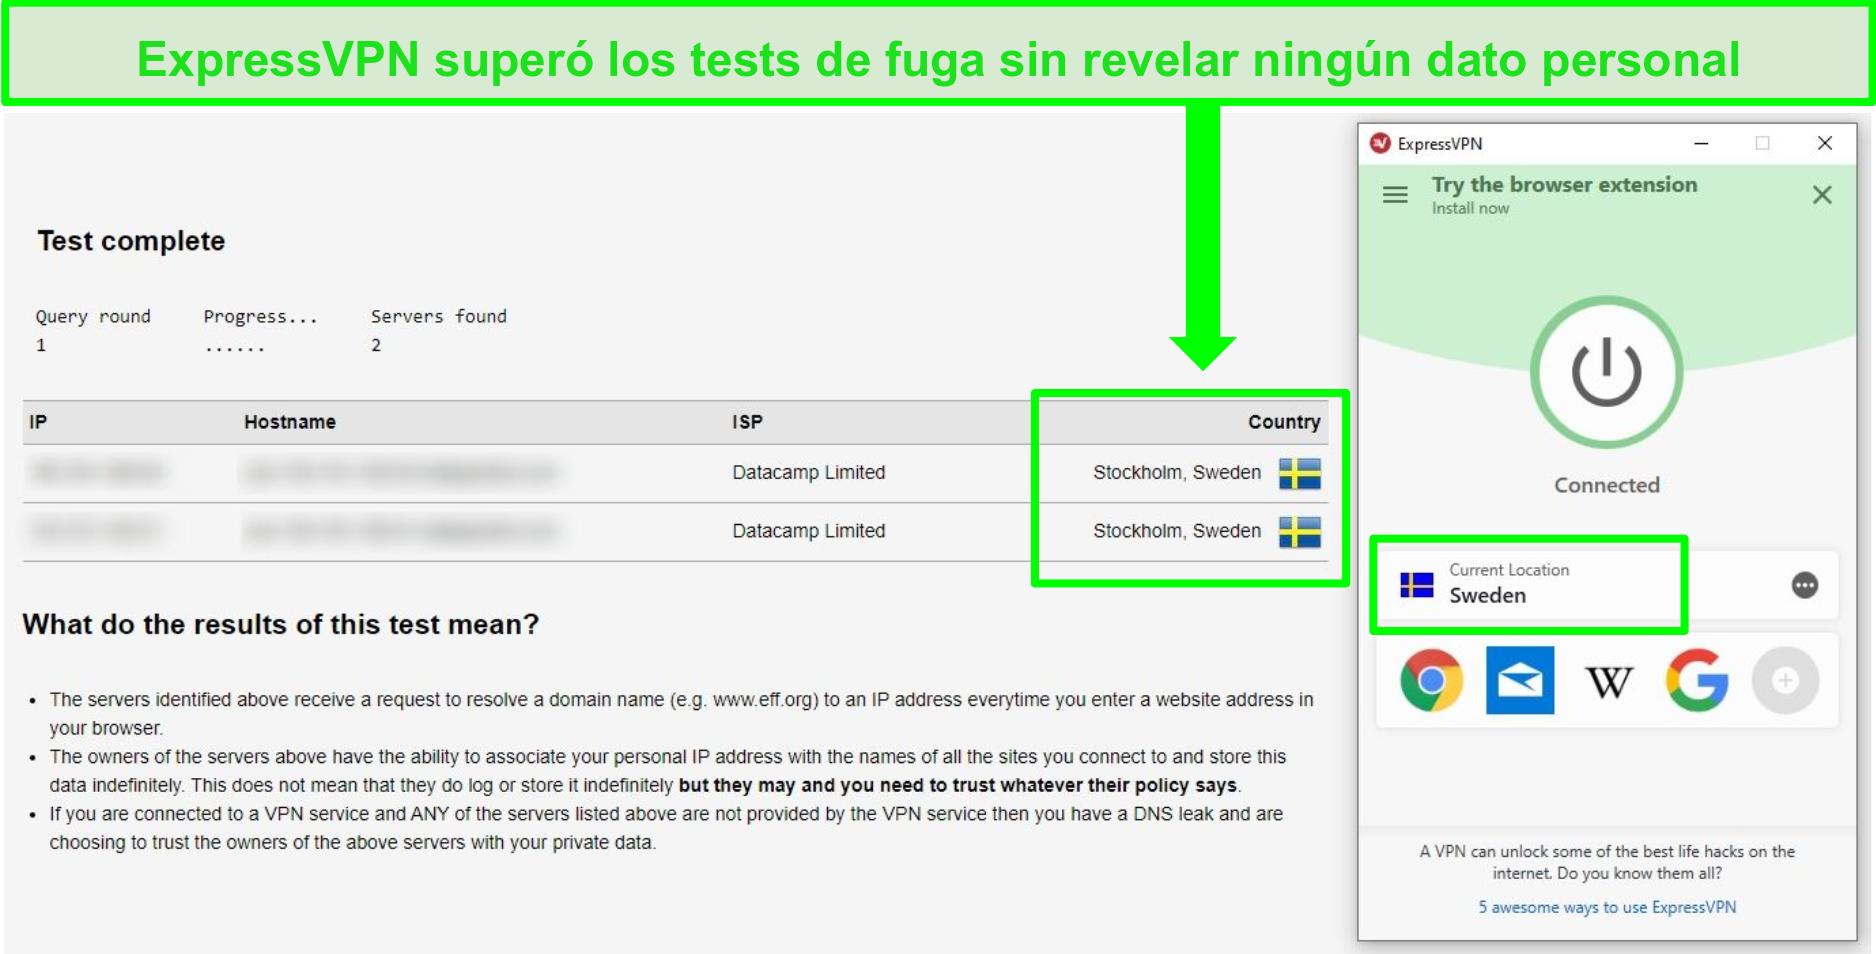 Captura de pantalla de ExpressVPN pasando una prueba de fugas de DNS mientras está conectado a servidores suecos